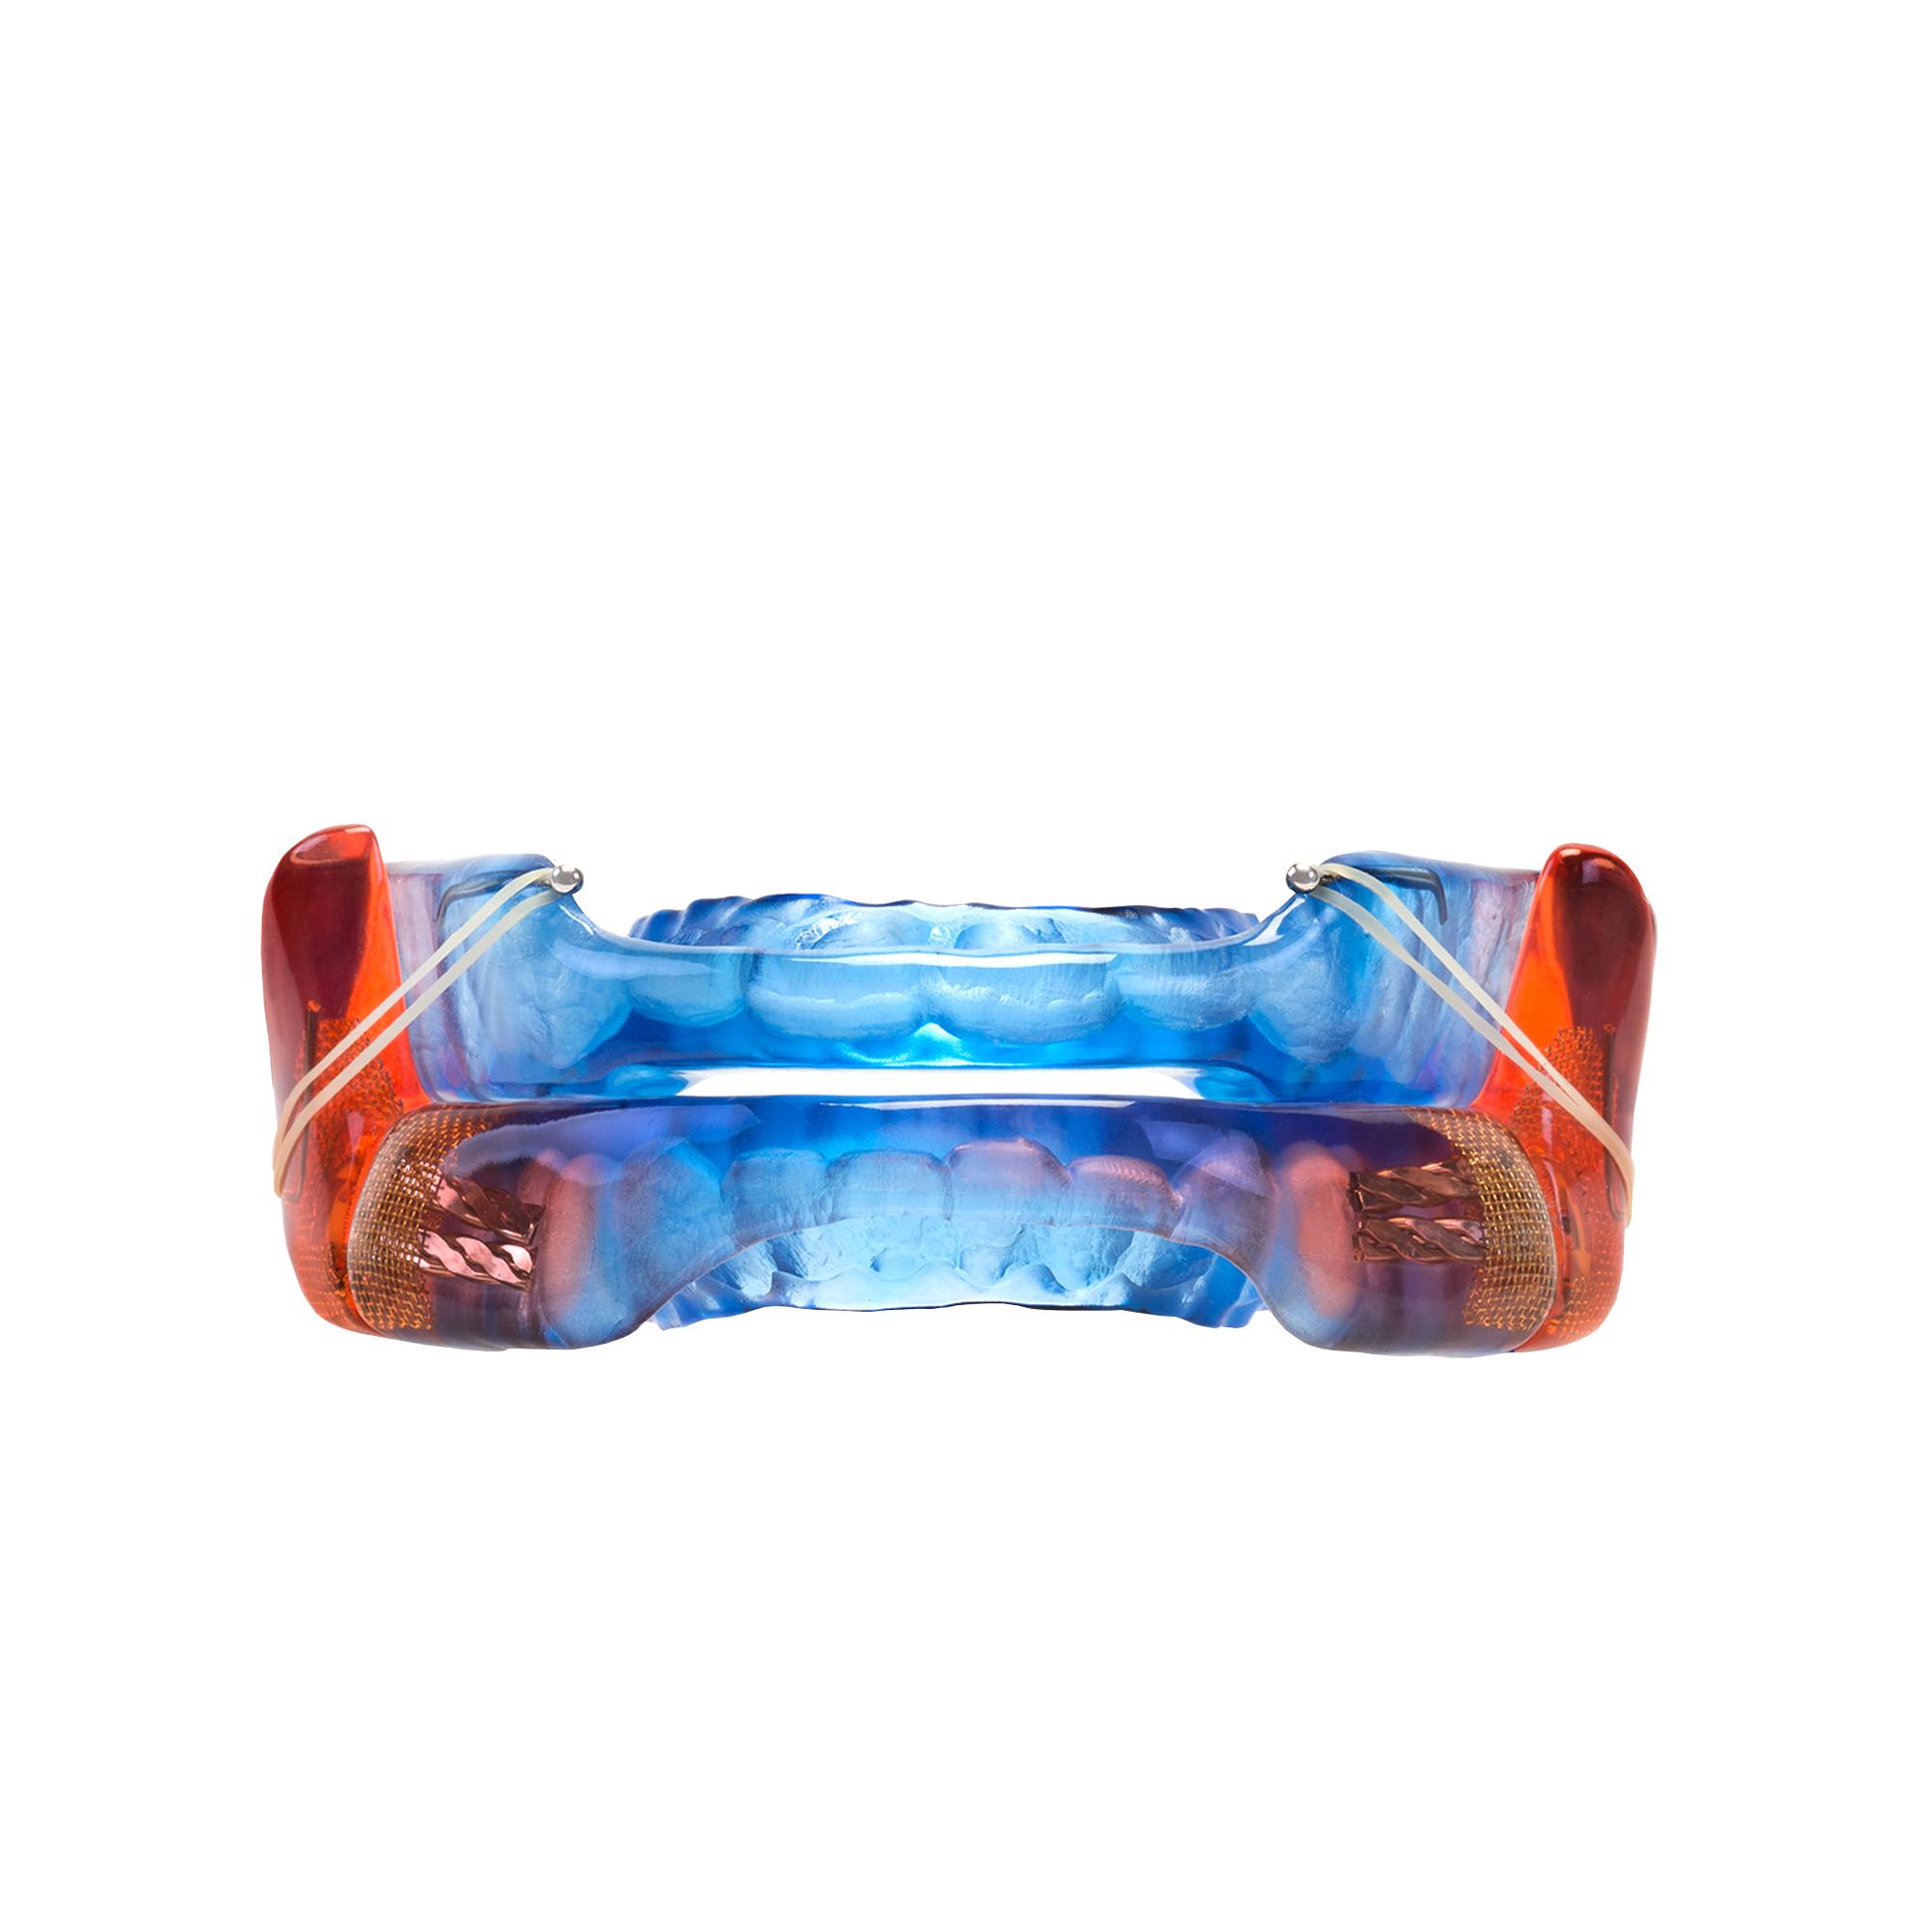 Blue-Full-Frontal-WO-3490686465-O.jpg